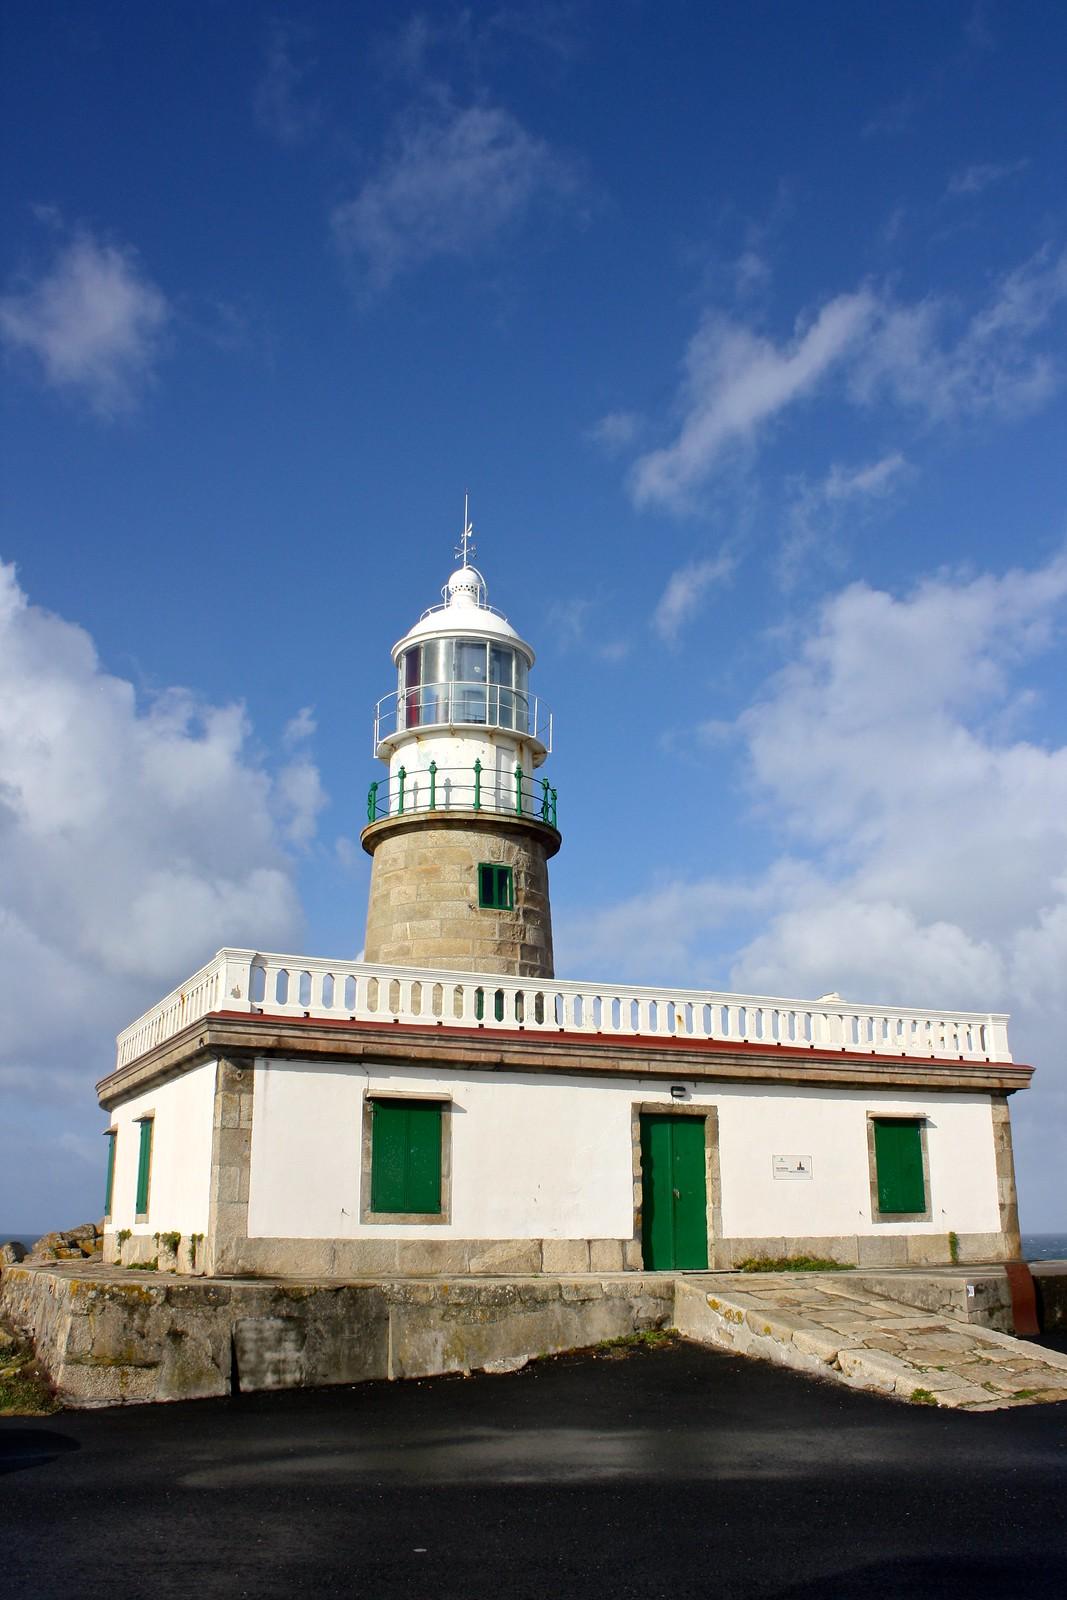 Corrubedo lighthouse, Ribeira, Spain